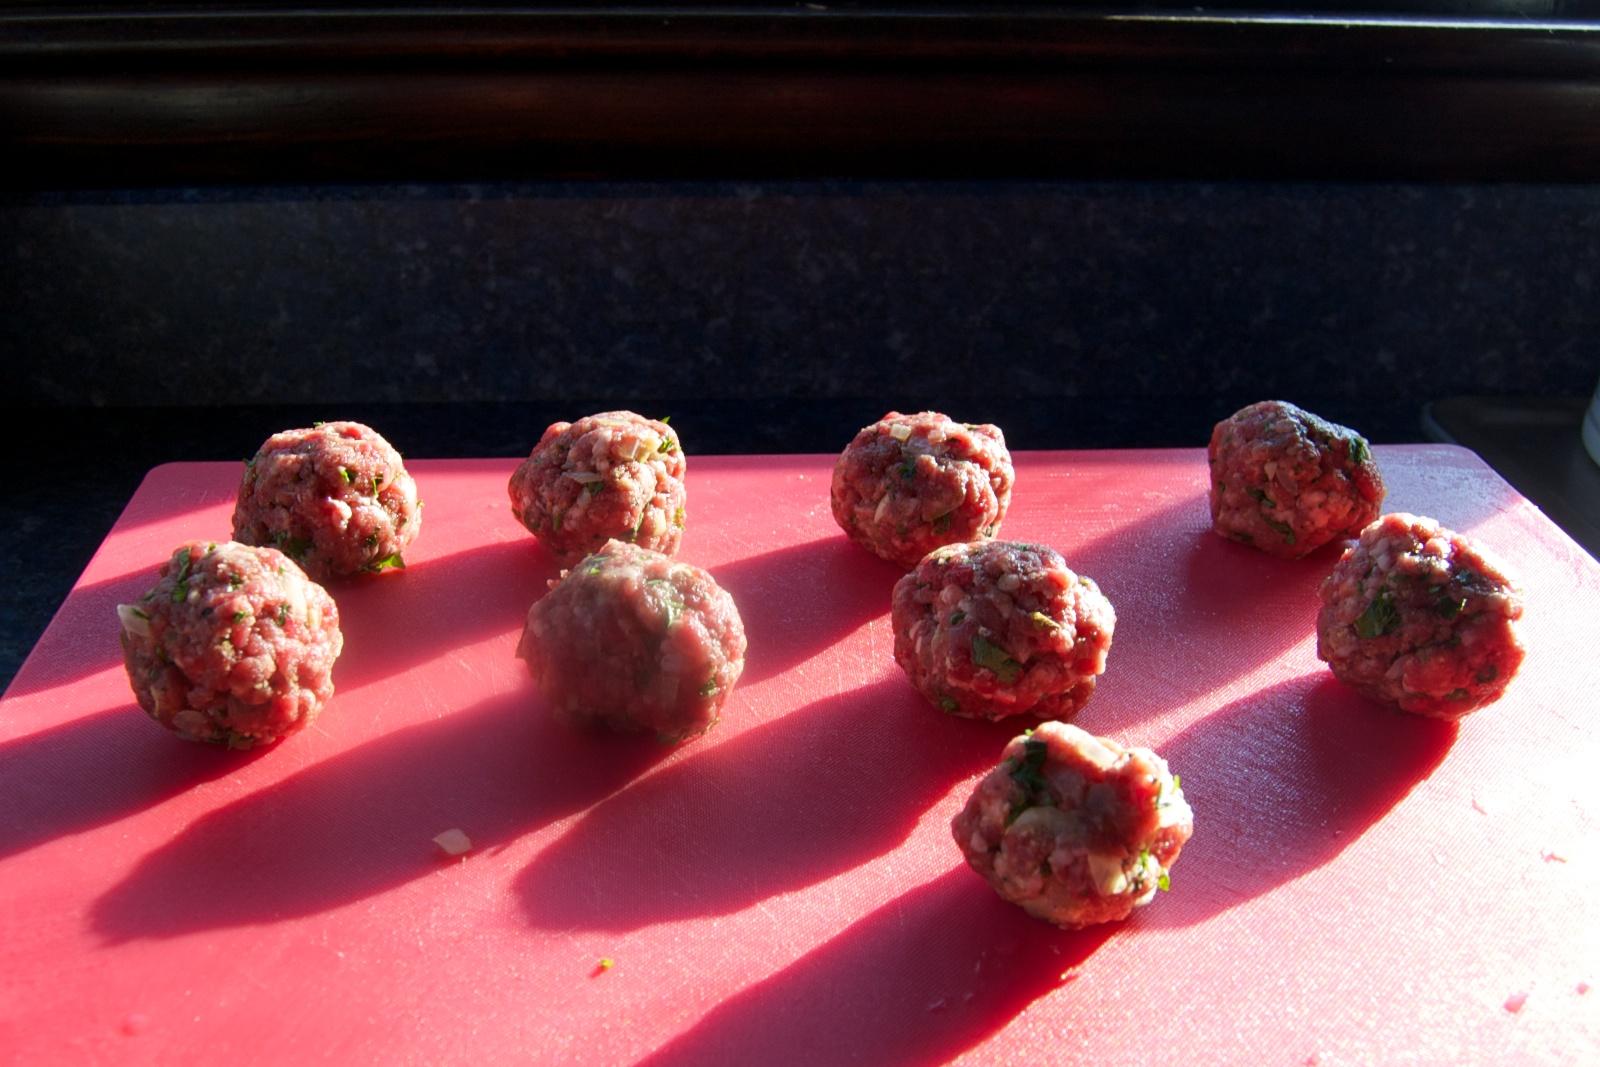 http://blog.rickk.com/food/2011/11/08/meatballs4.jpg